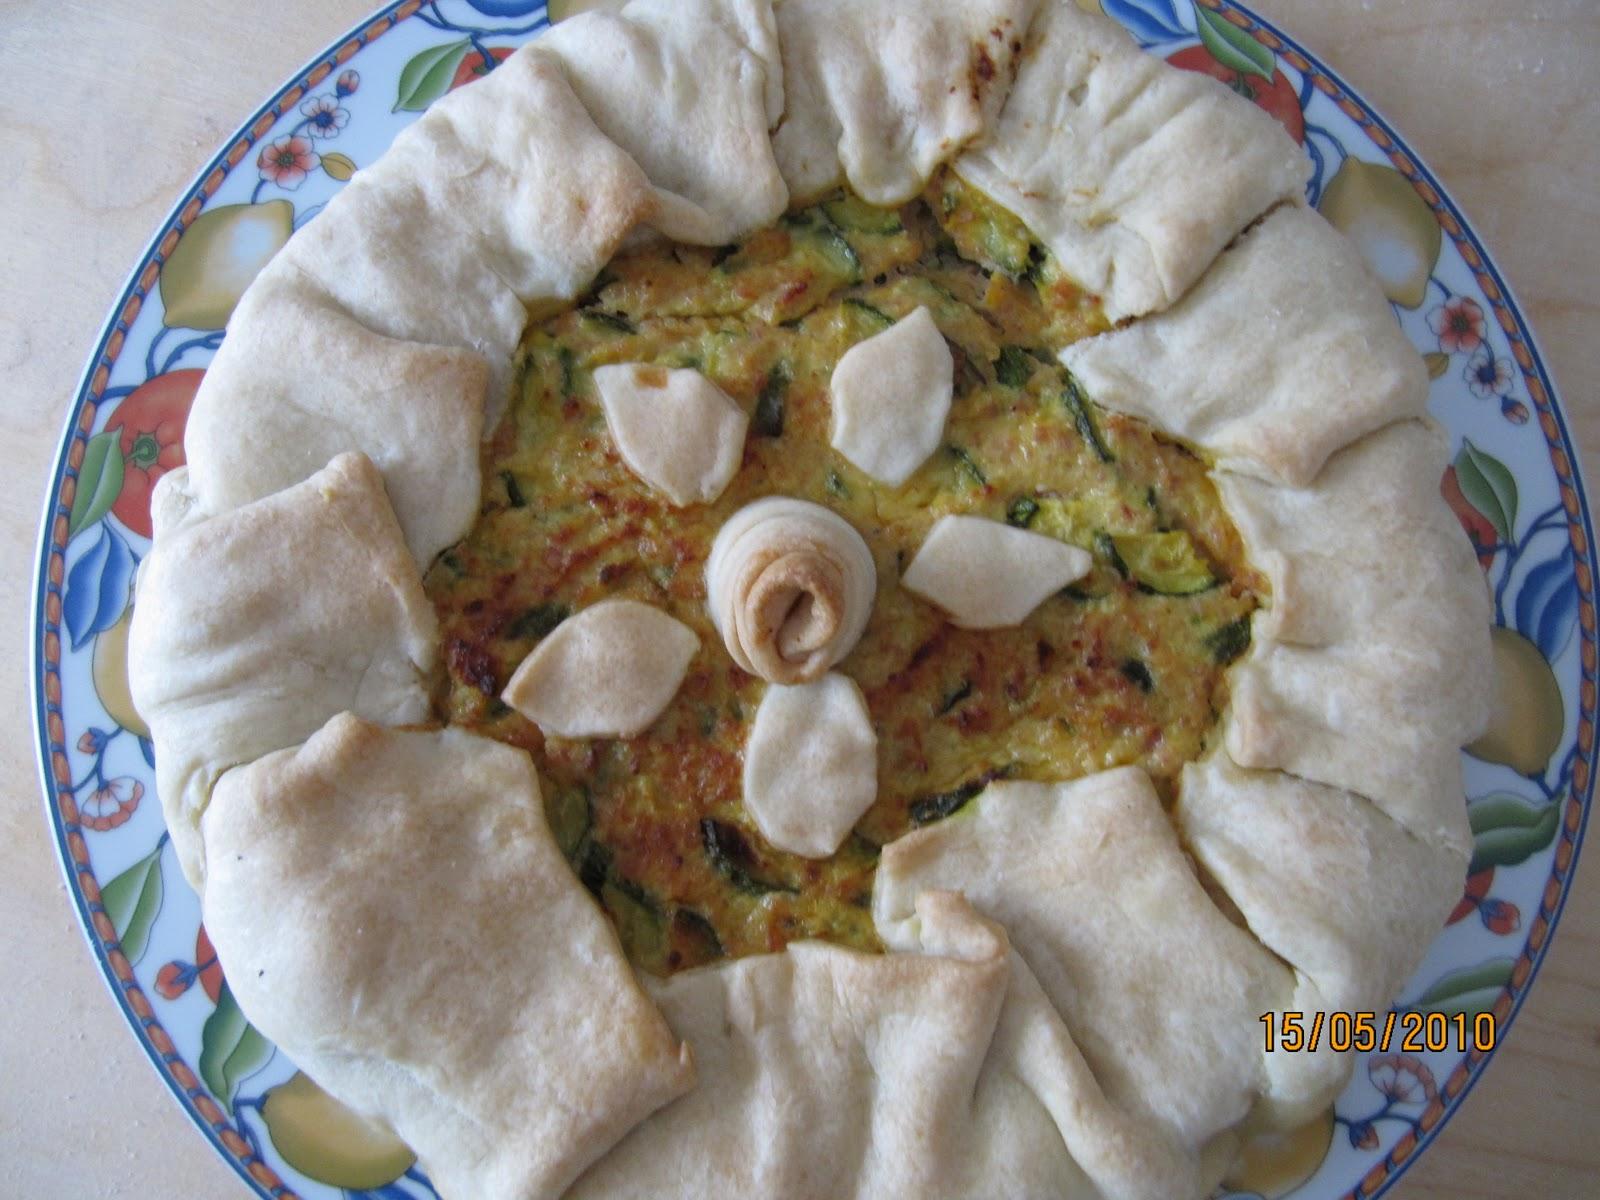 Decorazioni Torte Salate : Unarbanella di basilico: una torta salata con ricotta prosciutto e